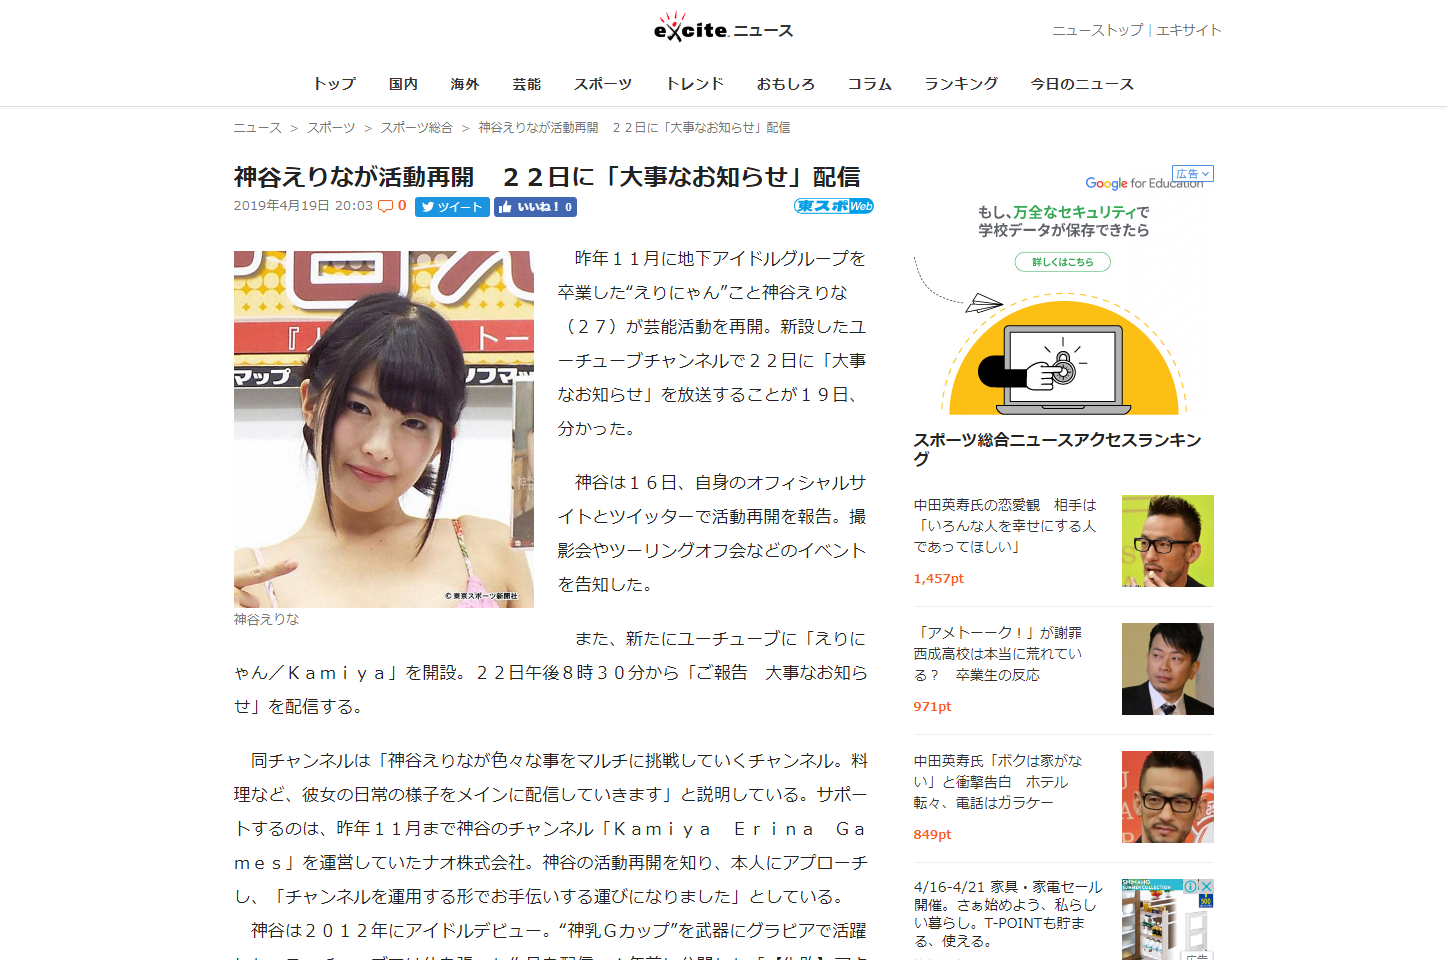 神谷えりなが活動再開 22日に「大事なお知らせ」配信 - exciteニュース